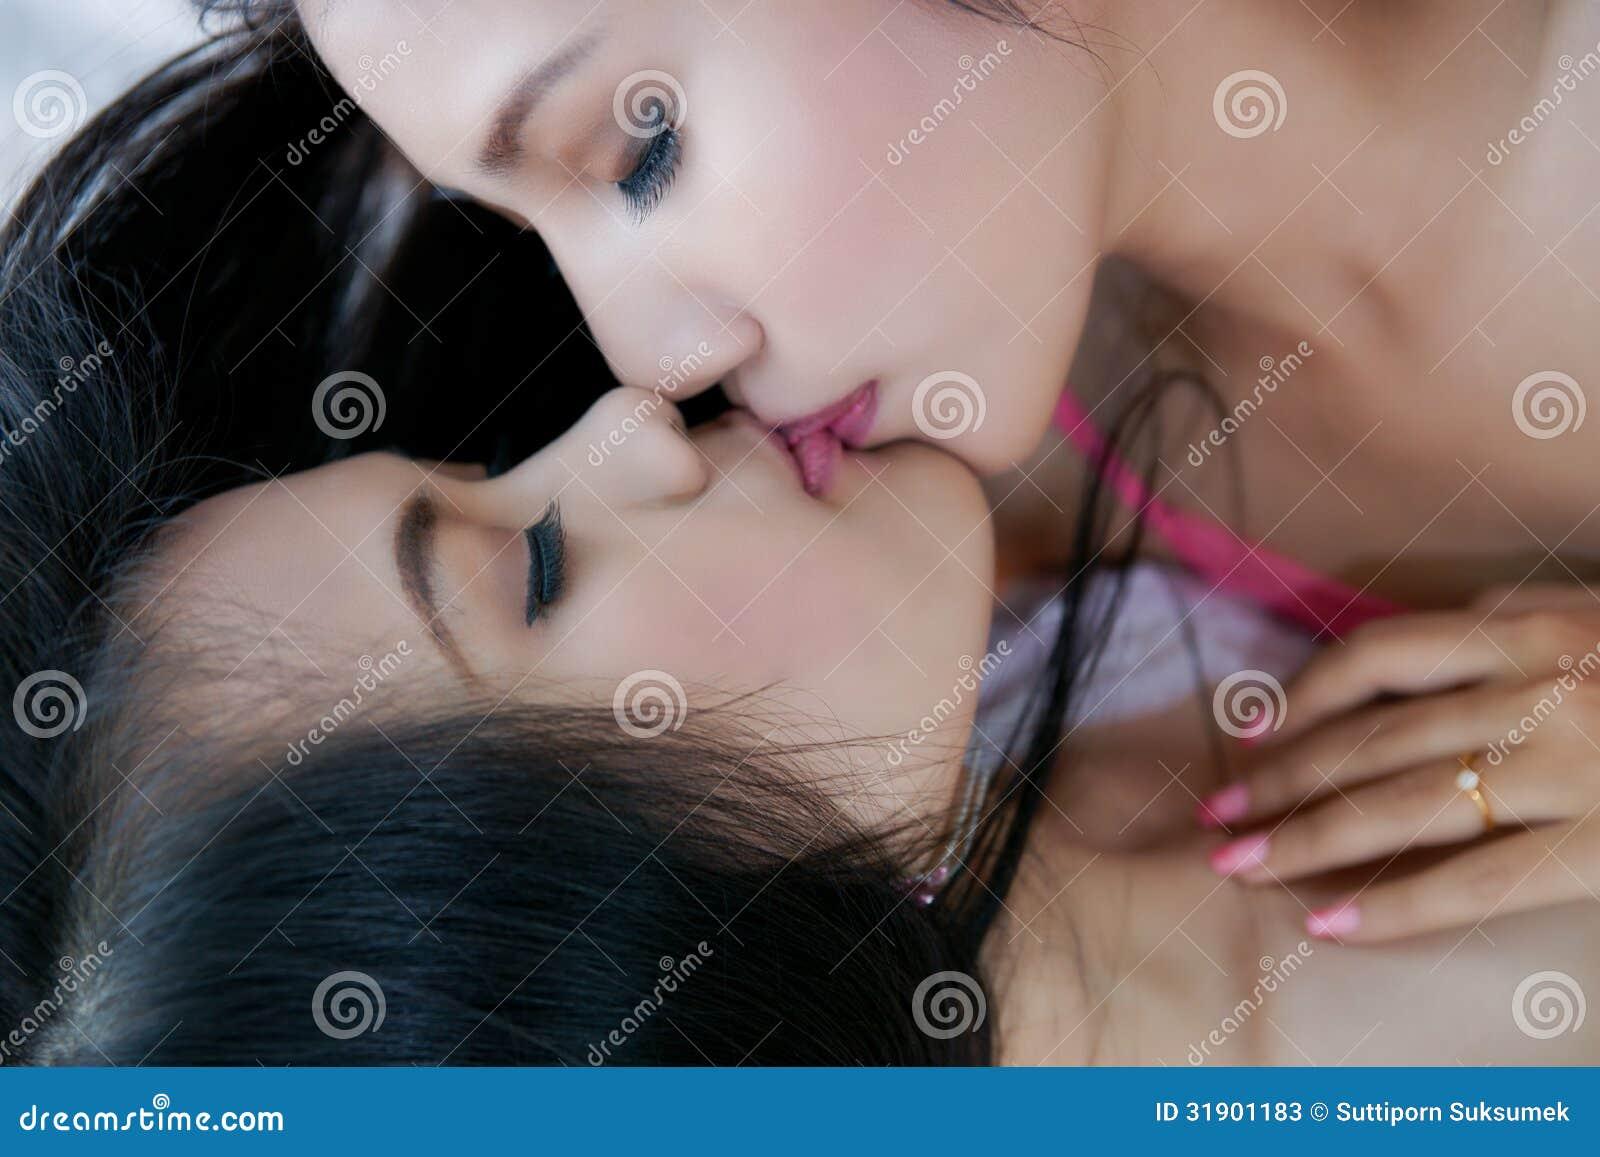 Сматреть бесплатно лезбиянок, Лесбиянки смотреть бесплатно онлайн - Онлайн 25 фотография